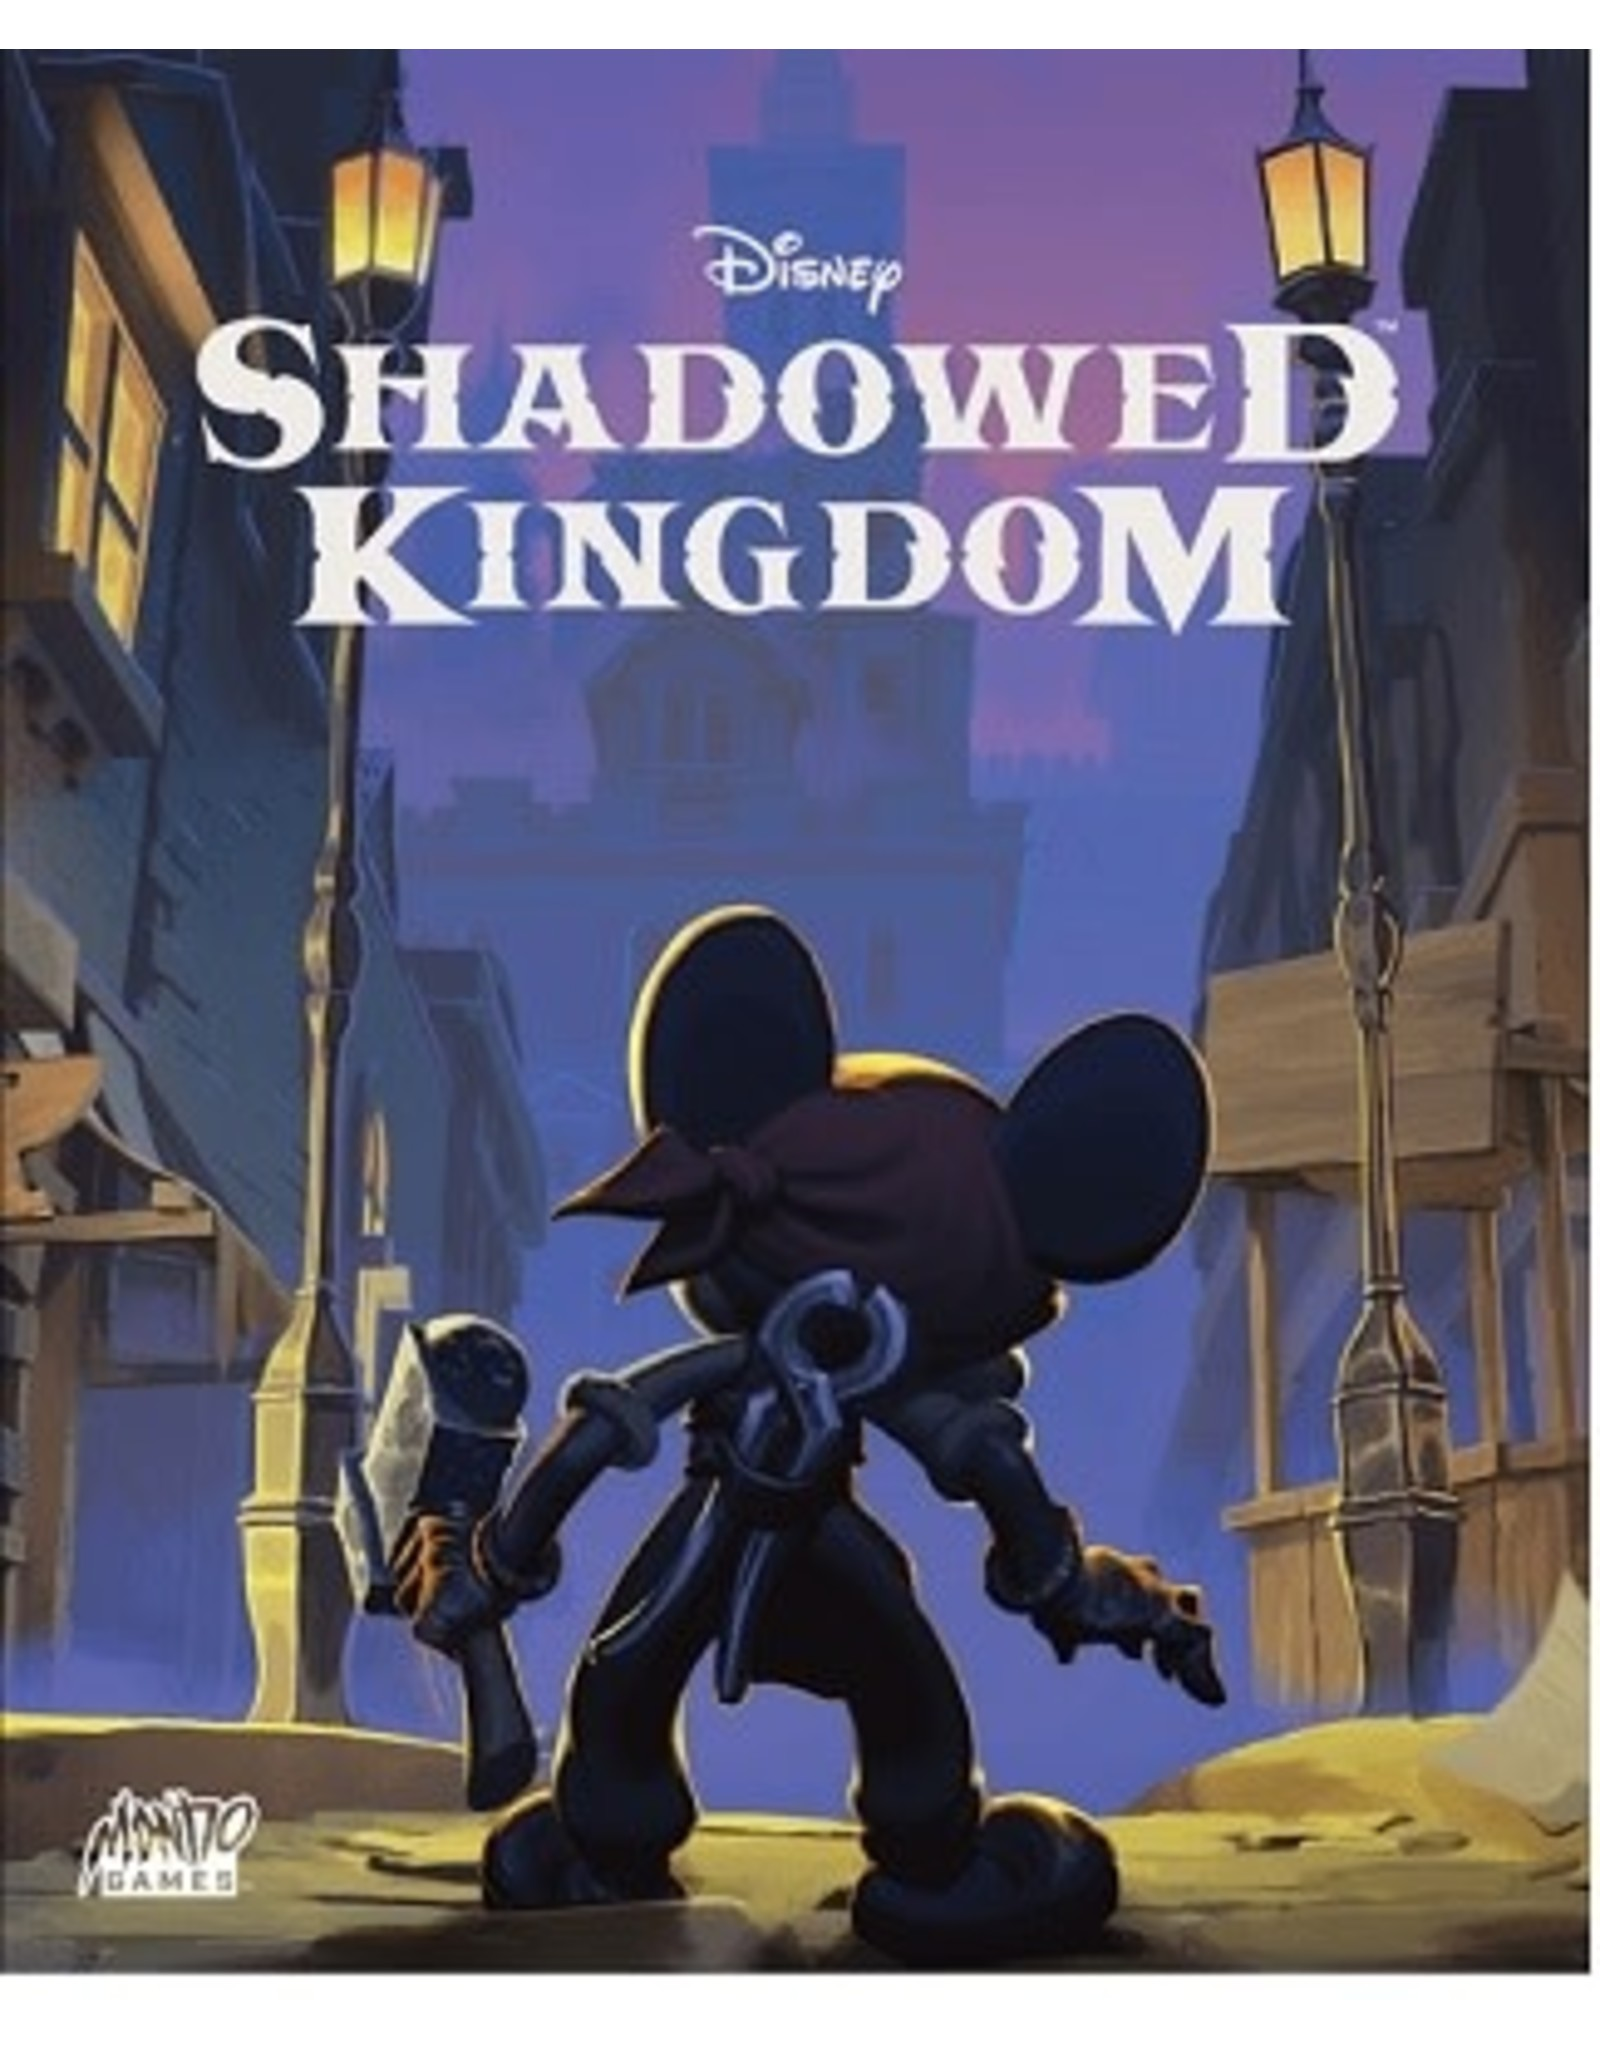 Disney Shadowed Kingdom